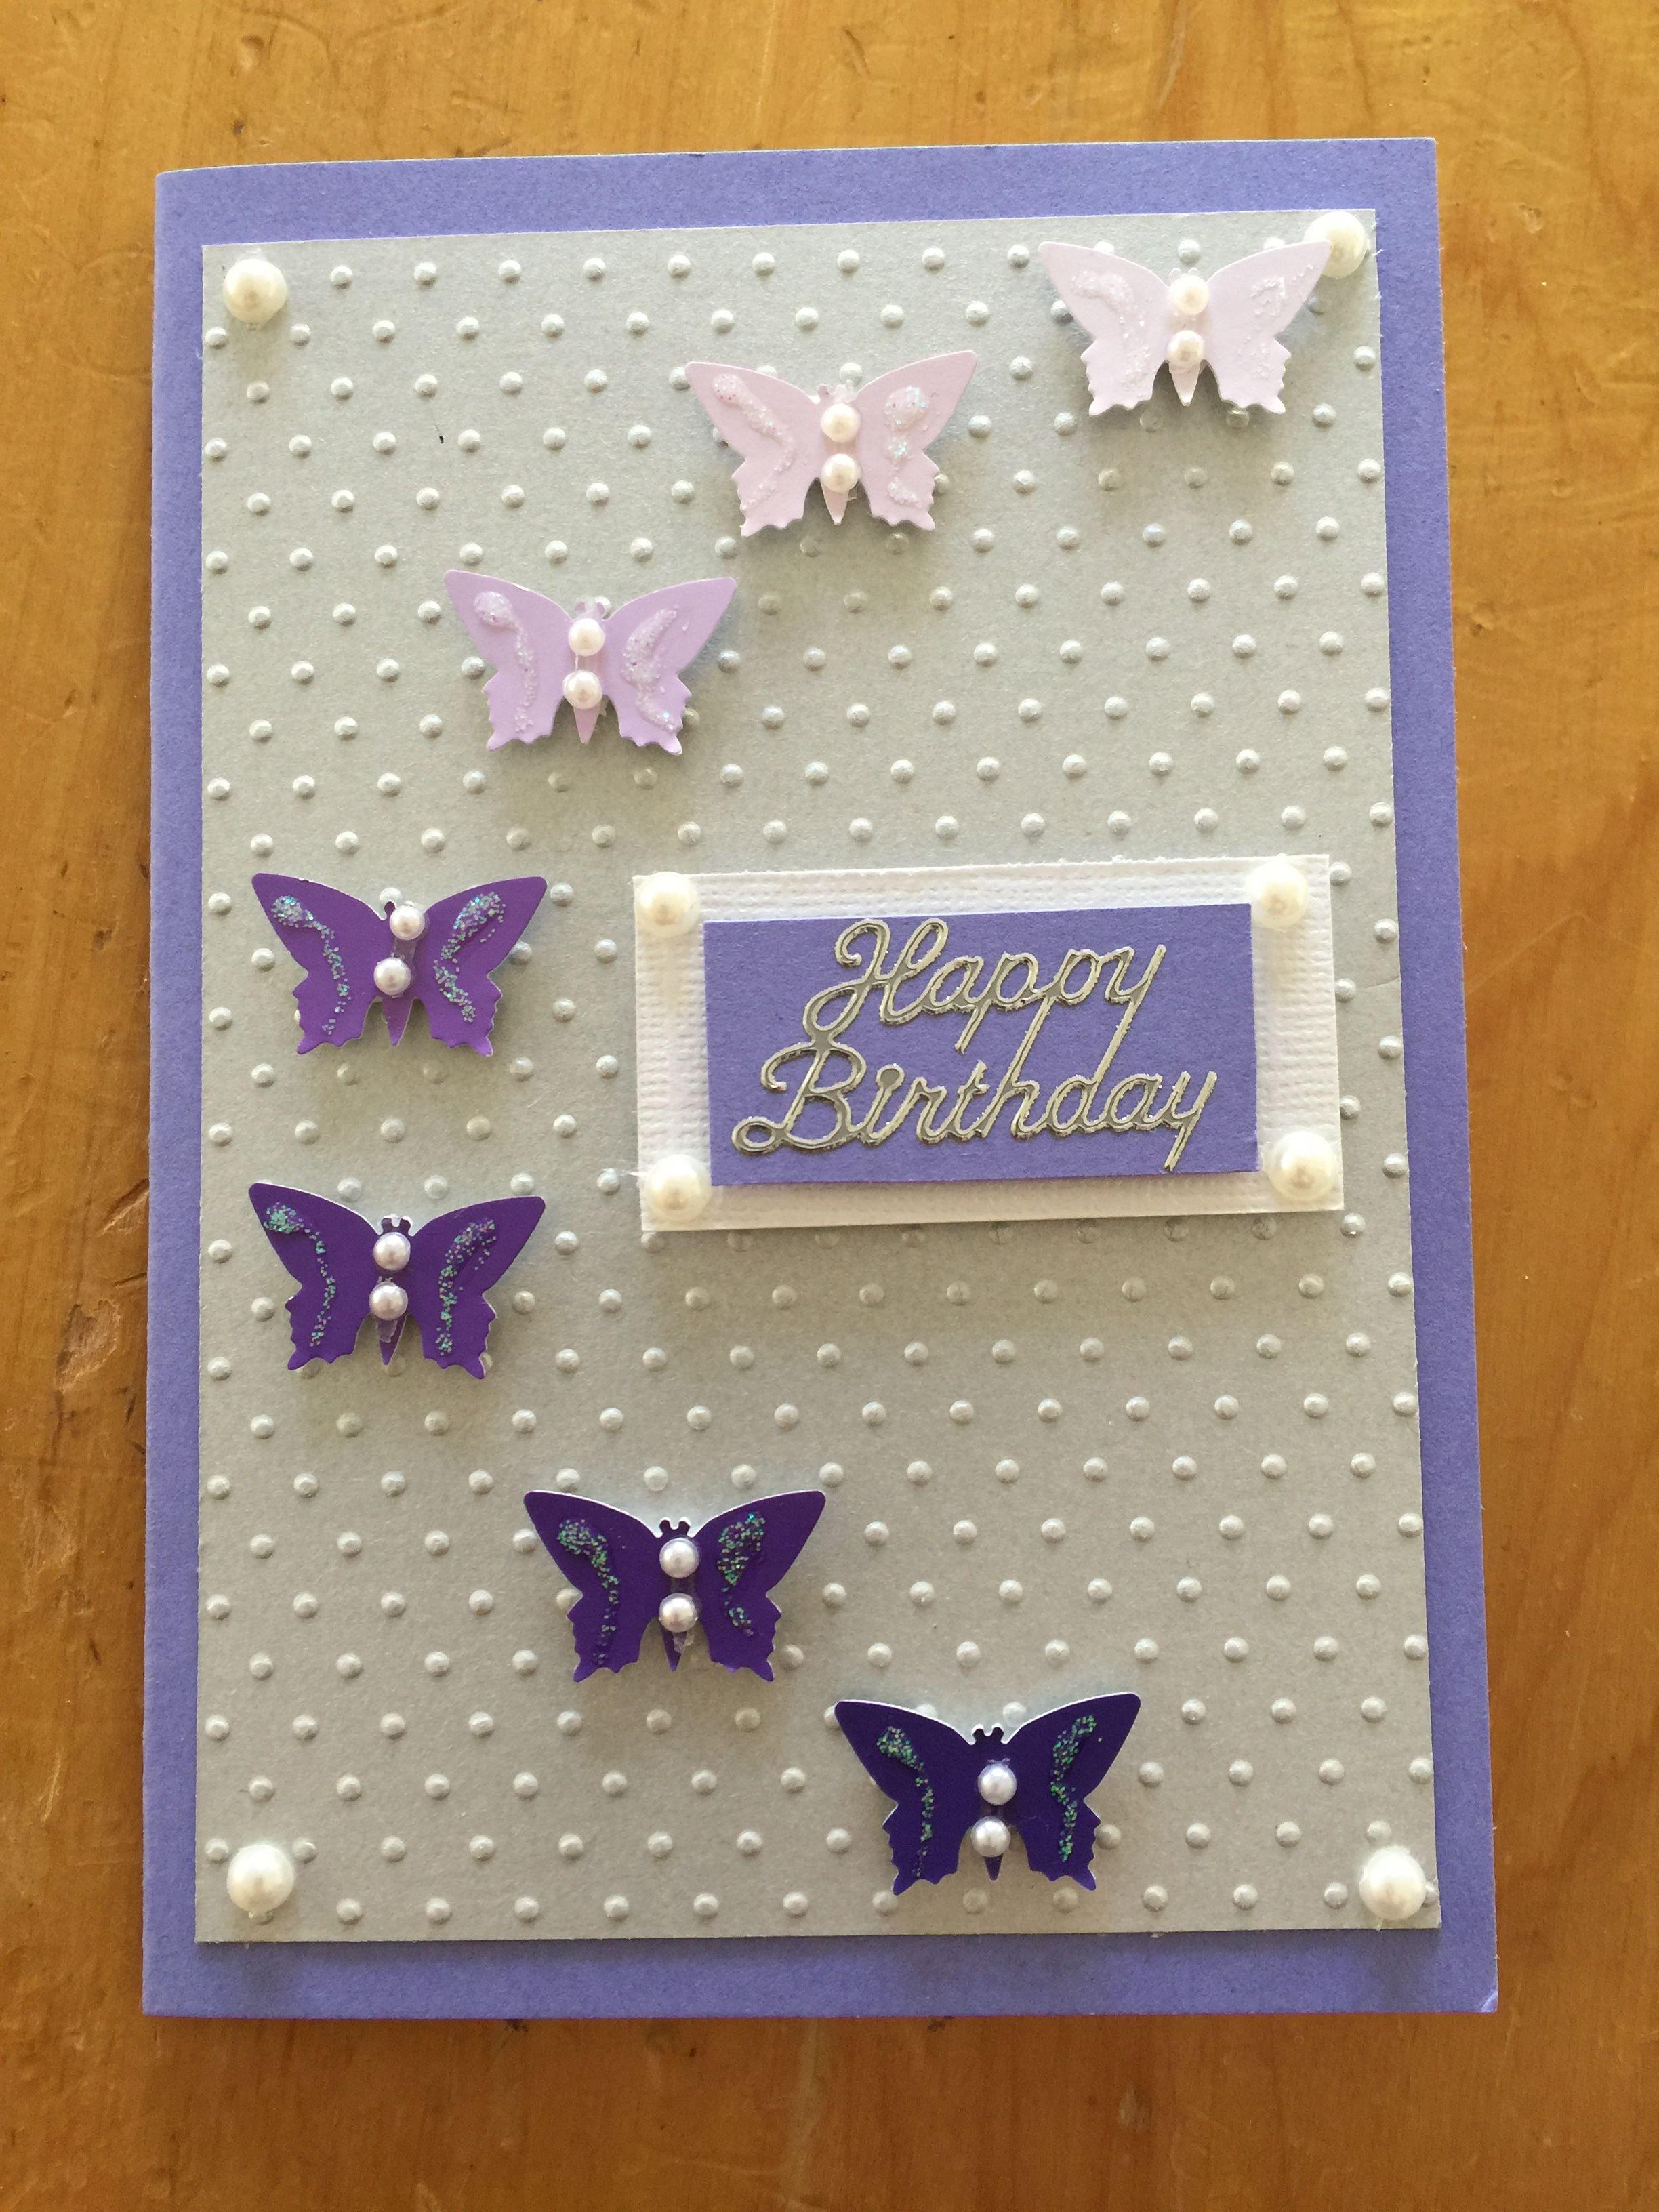 Butterfly Birthday Card Birthday Cards Diy Butterfly Birthday Cards Card Making Birthday